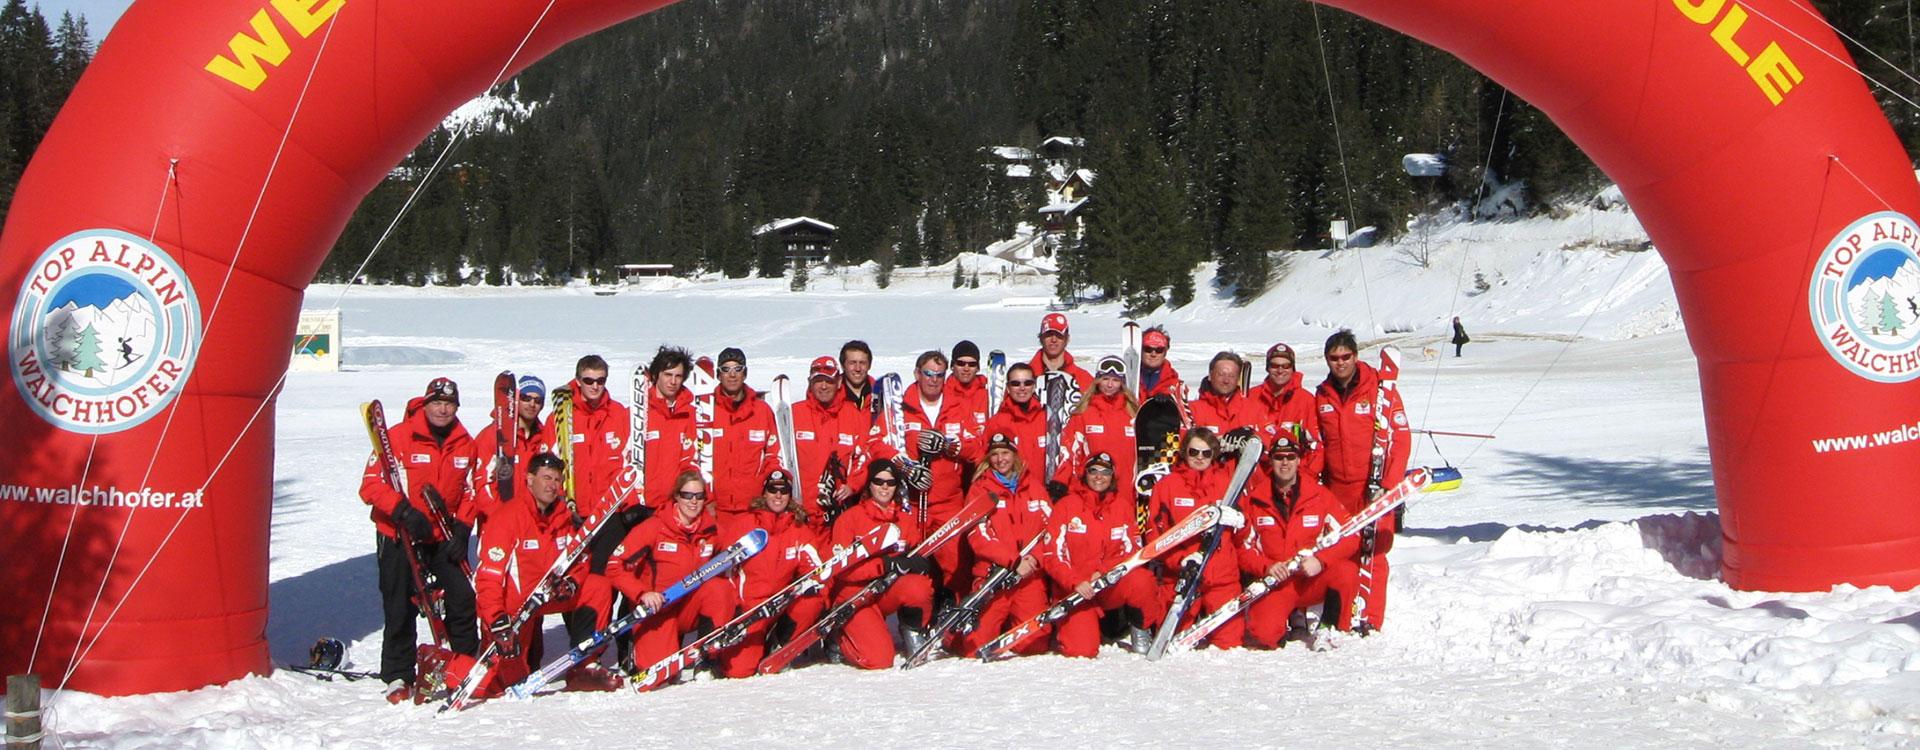 Team - Schischule Walchhofer in Altenmarkt-Zauchensee, Ski amadé